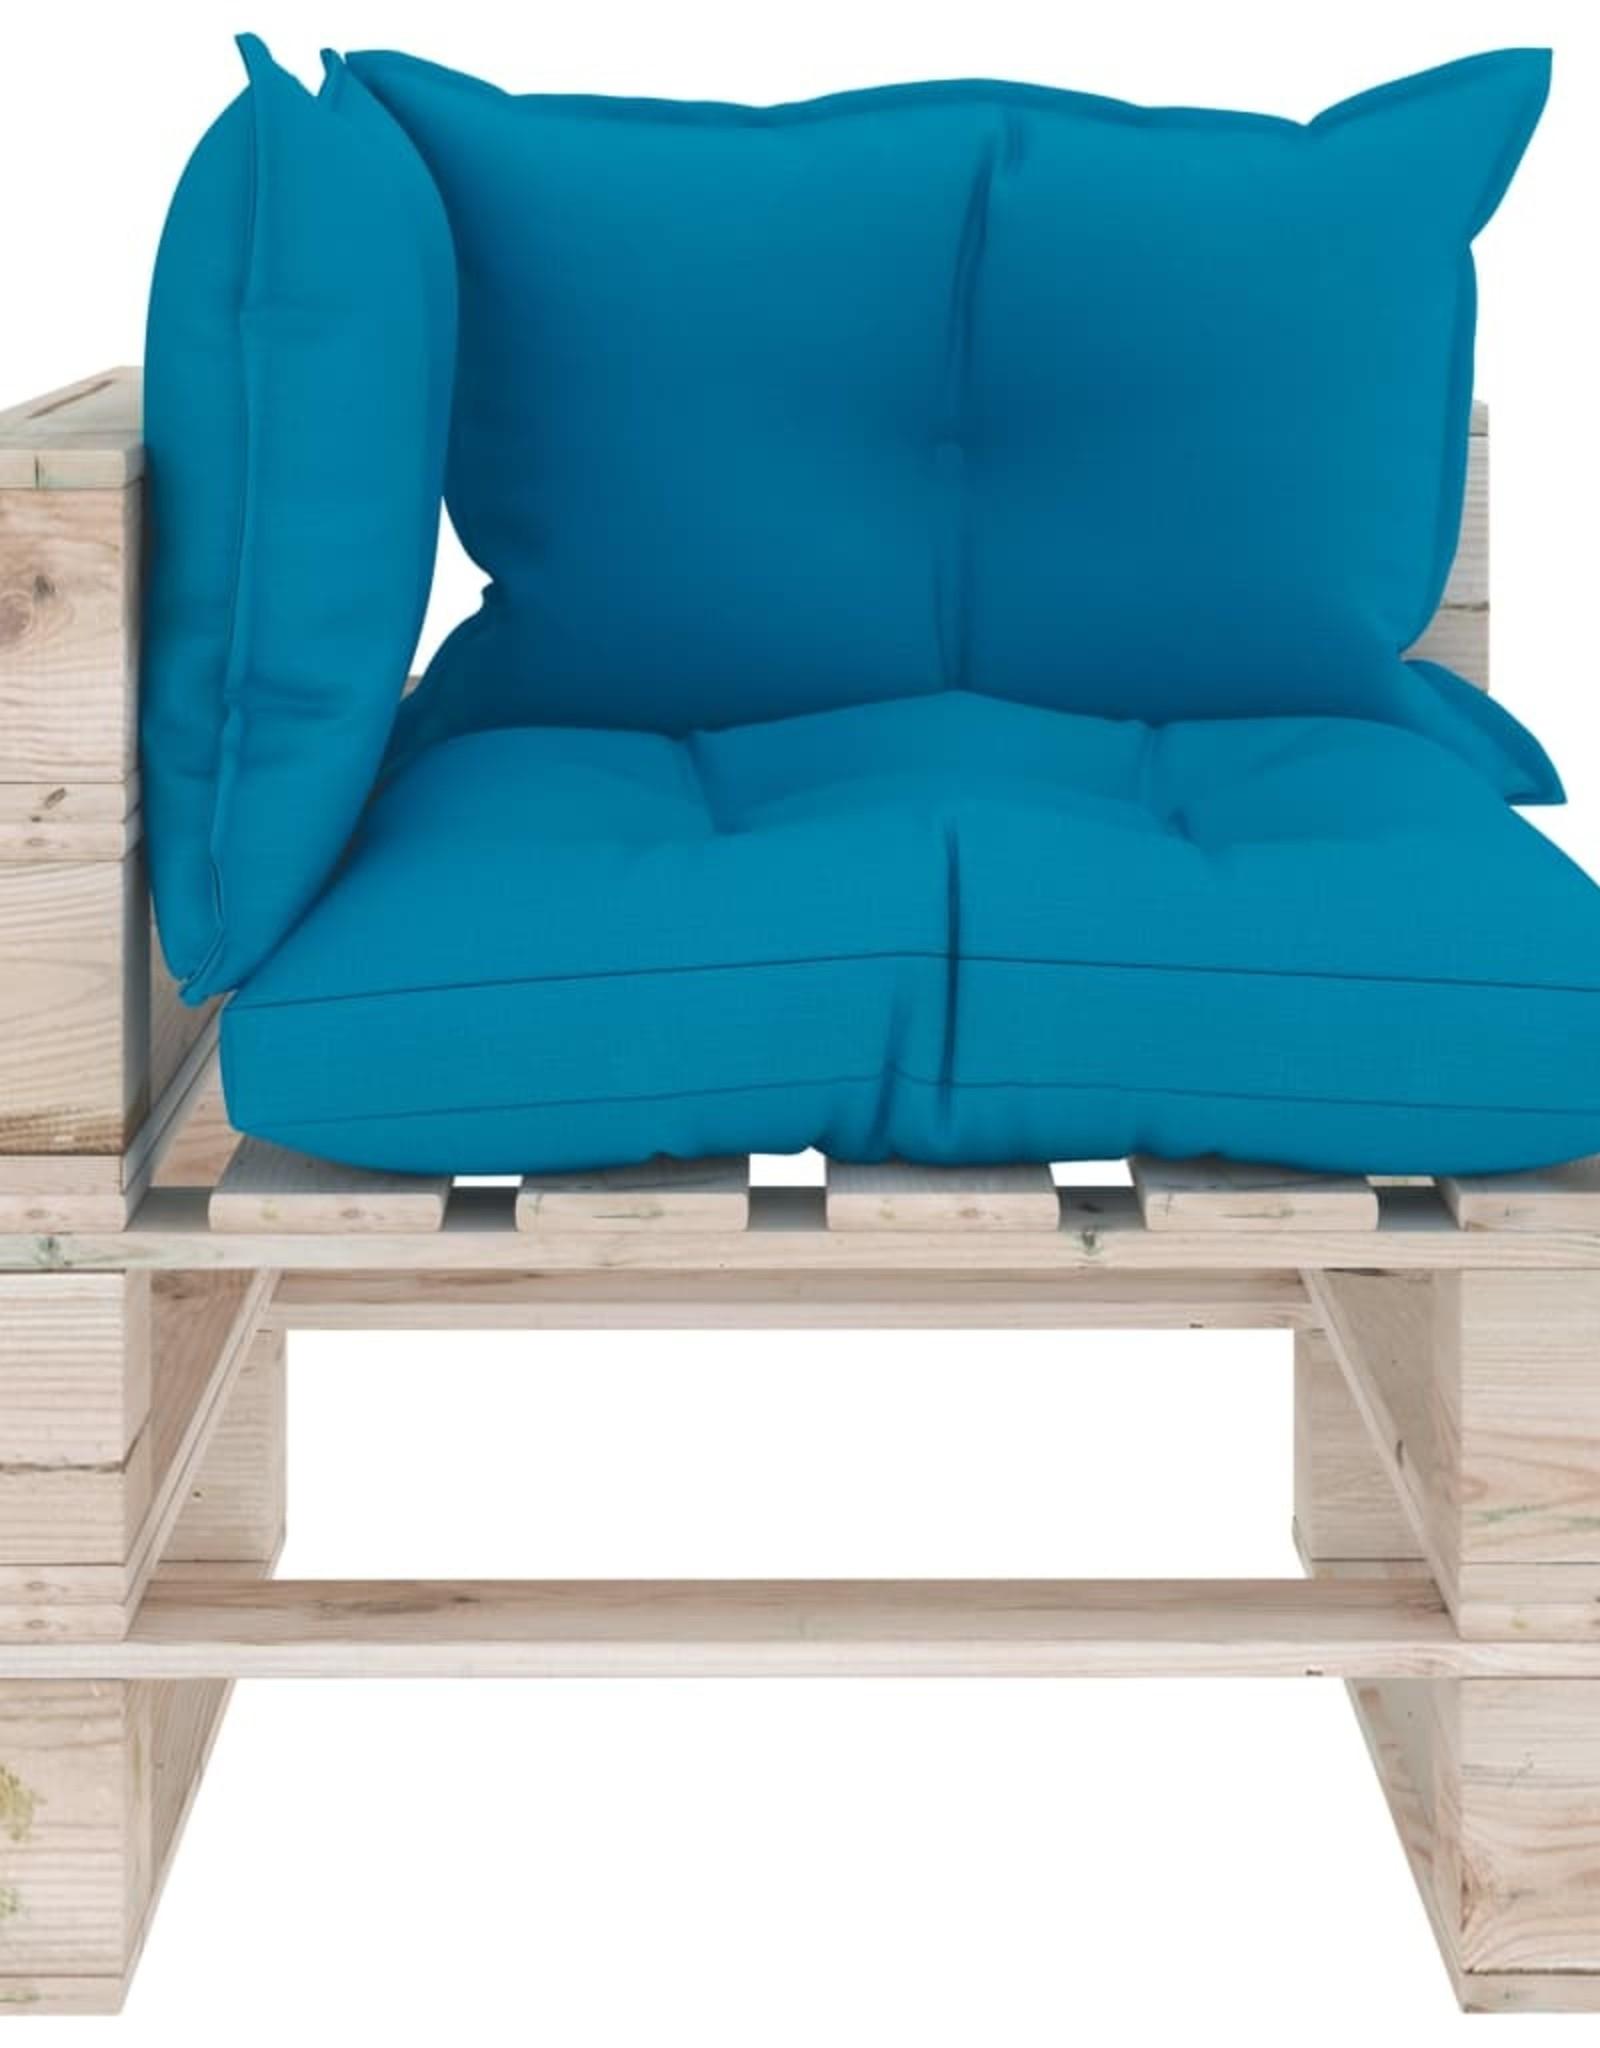 7-delige Loungeset met kussens pallet grenenhout